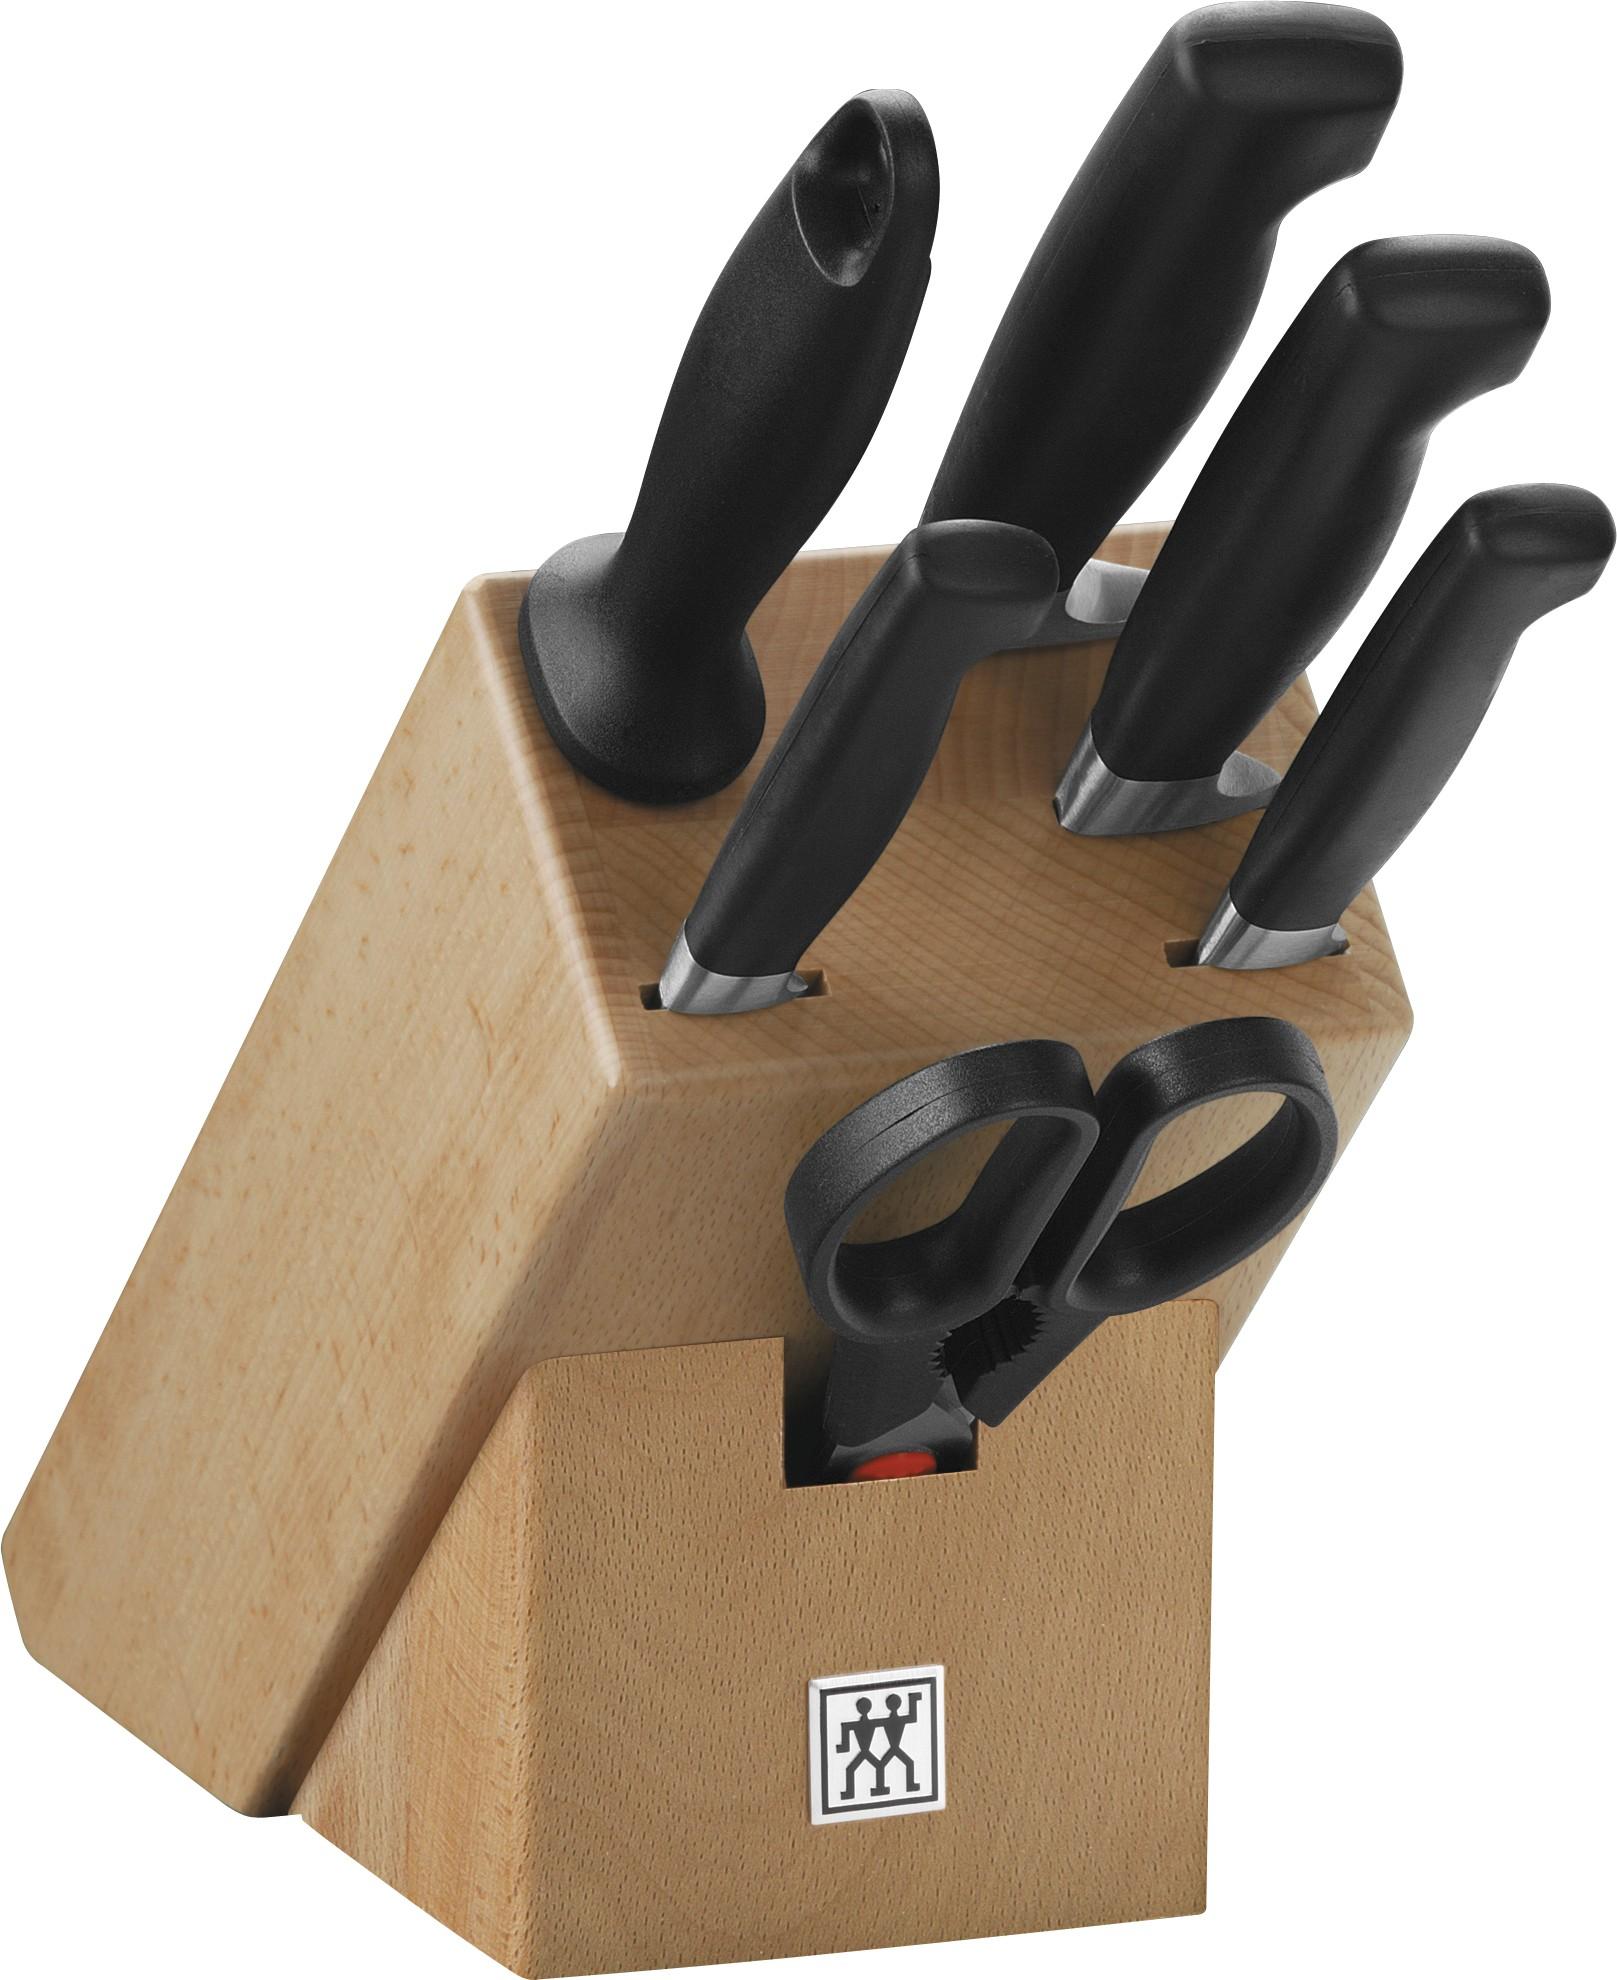 online shop vier sterne messerblock natur 7 tlg kaufen. Black Bedroom Furniture Sets. Home Design Ideas